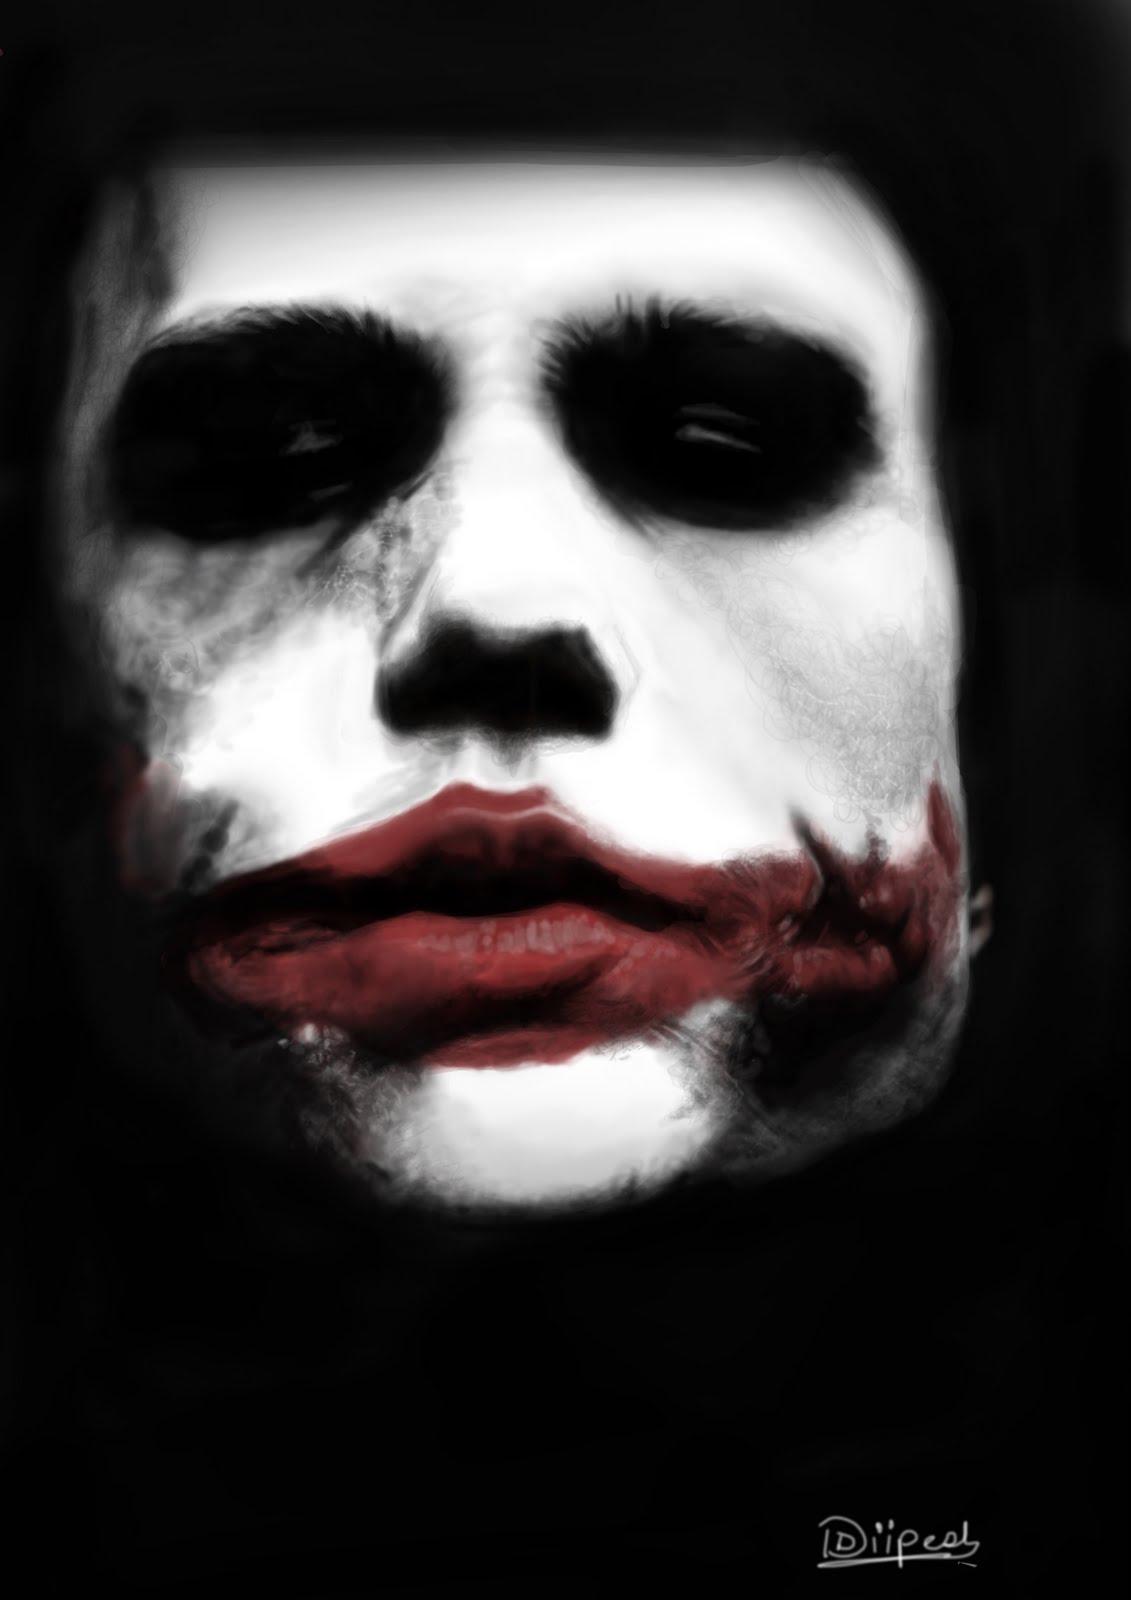 http://2.bp.blogspot.com/-_u9RvZklg0I/Tb4QttpTkhI/AAAAAAAABFY/UVMMyguRGLE/s1600/joker_heath_ledger.jpg